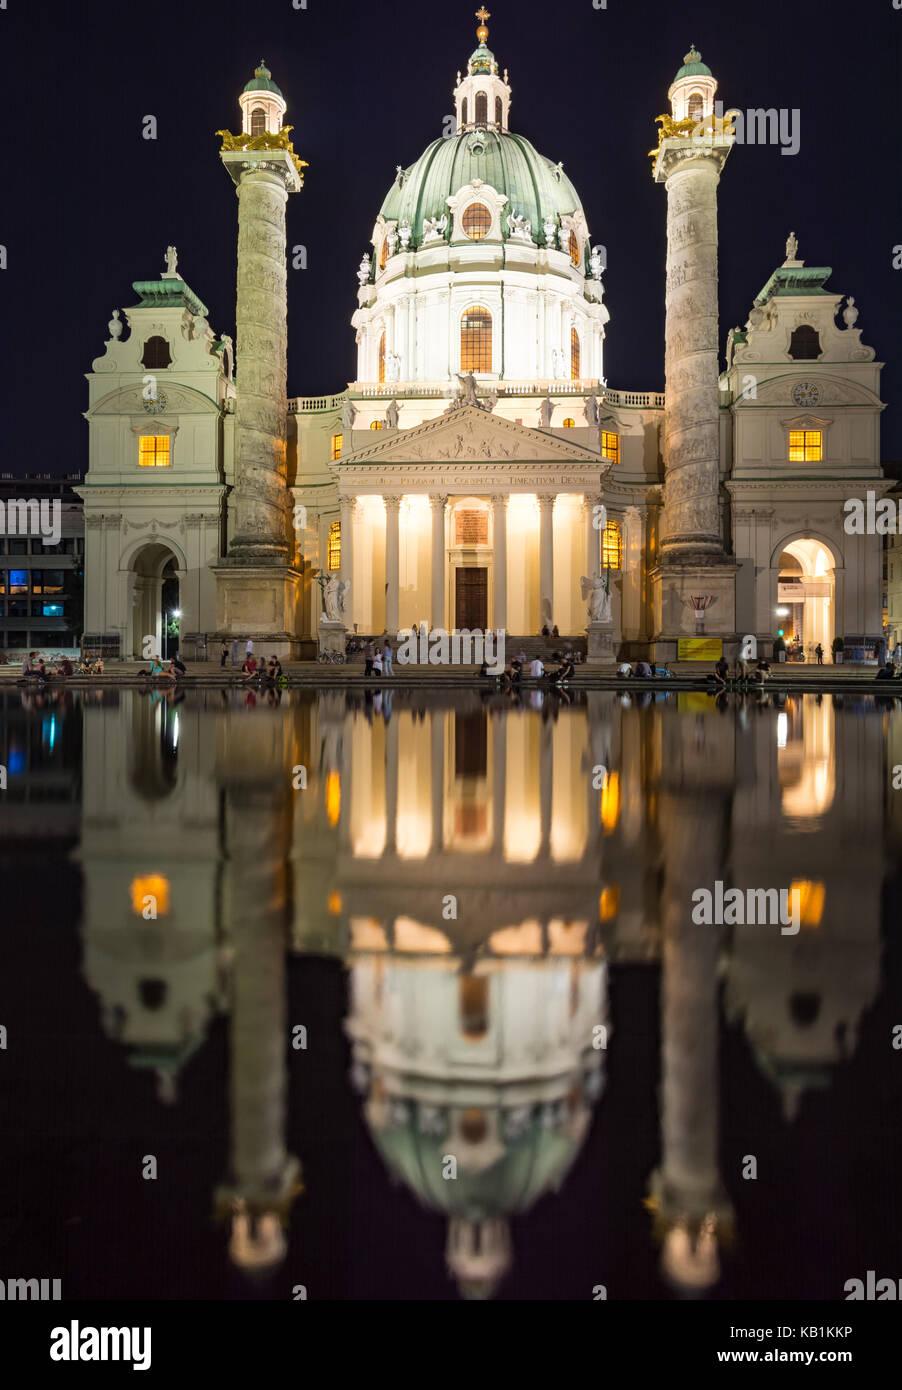 Wien, Österreich - 30. August: Touristen an der beleuchteten barocken Karlskirche in Wien, Österreich, Stockbild